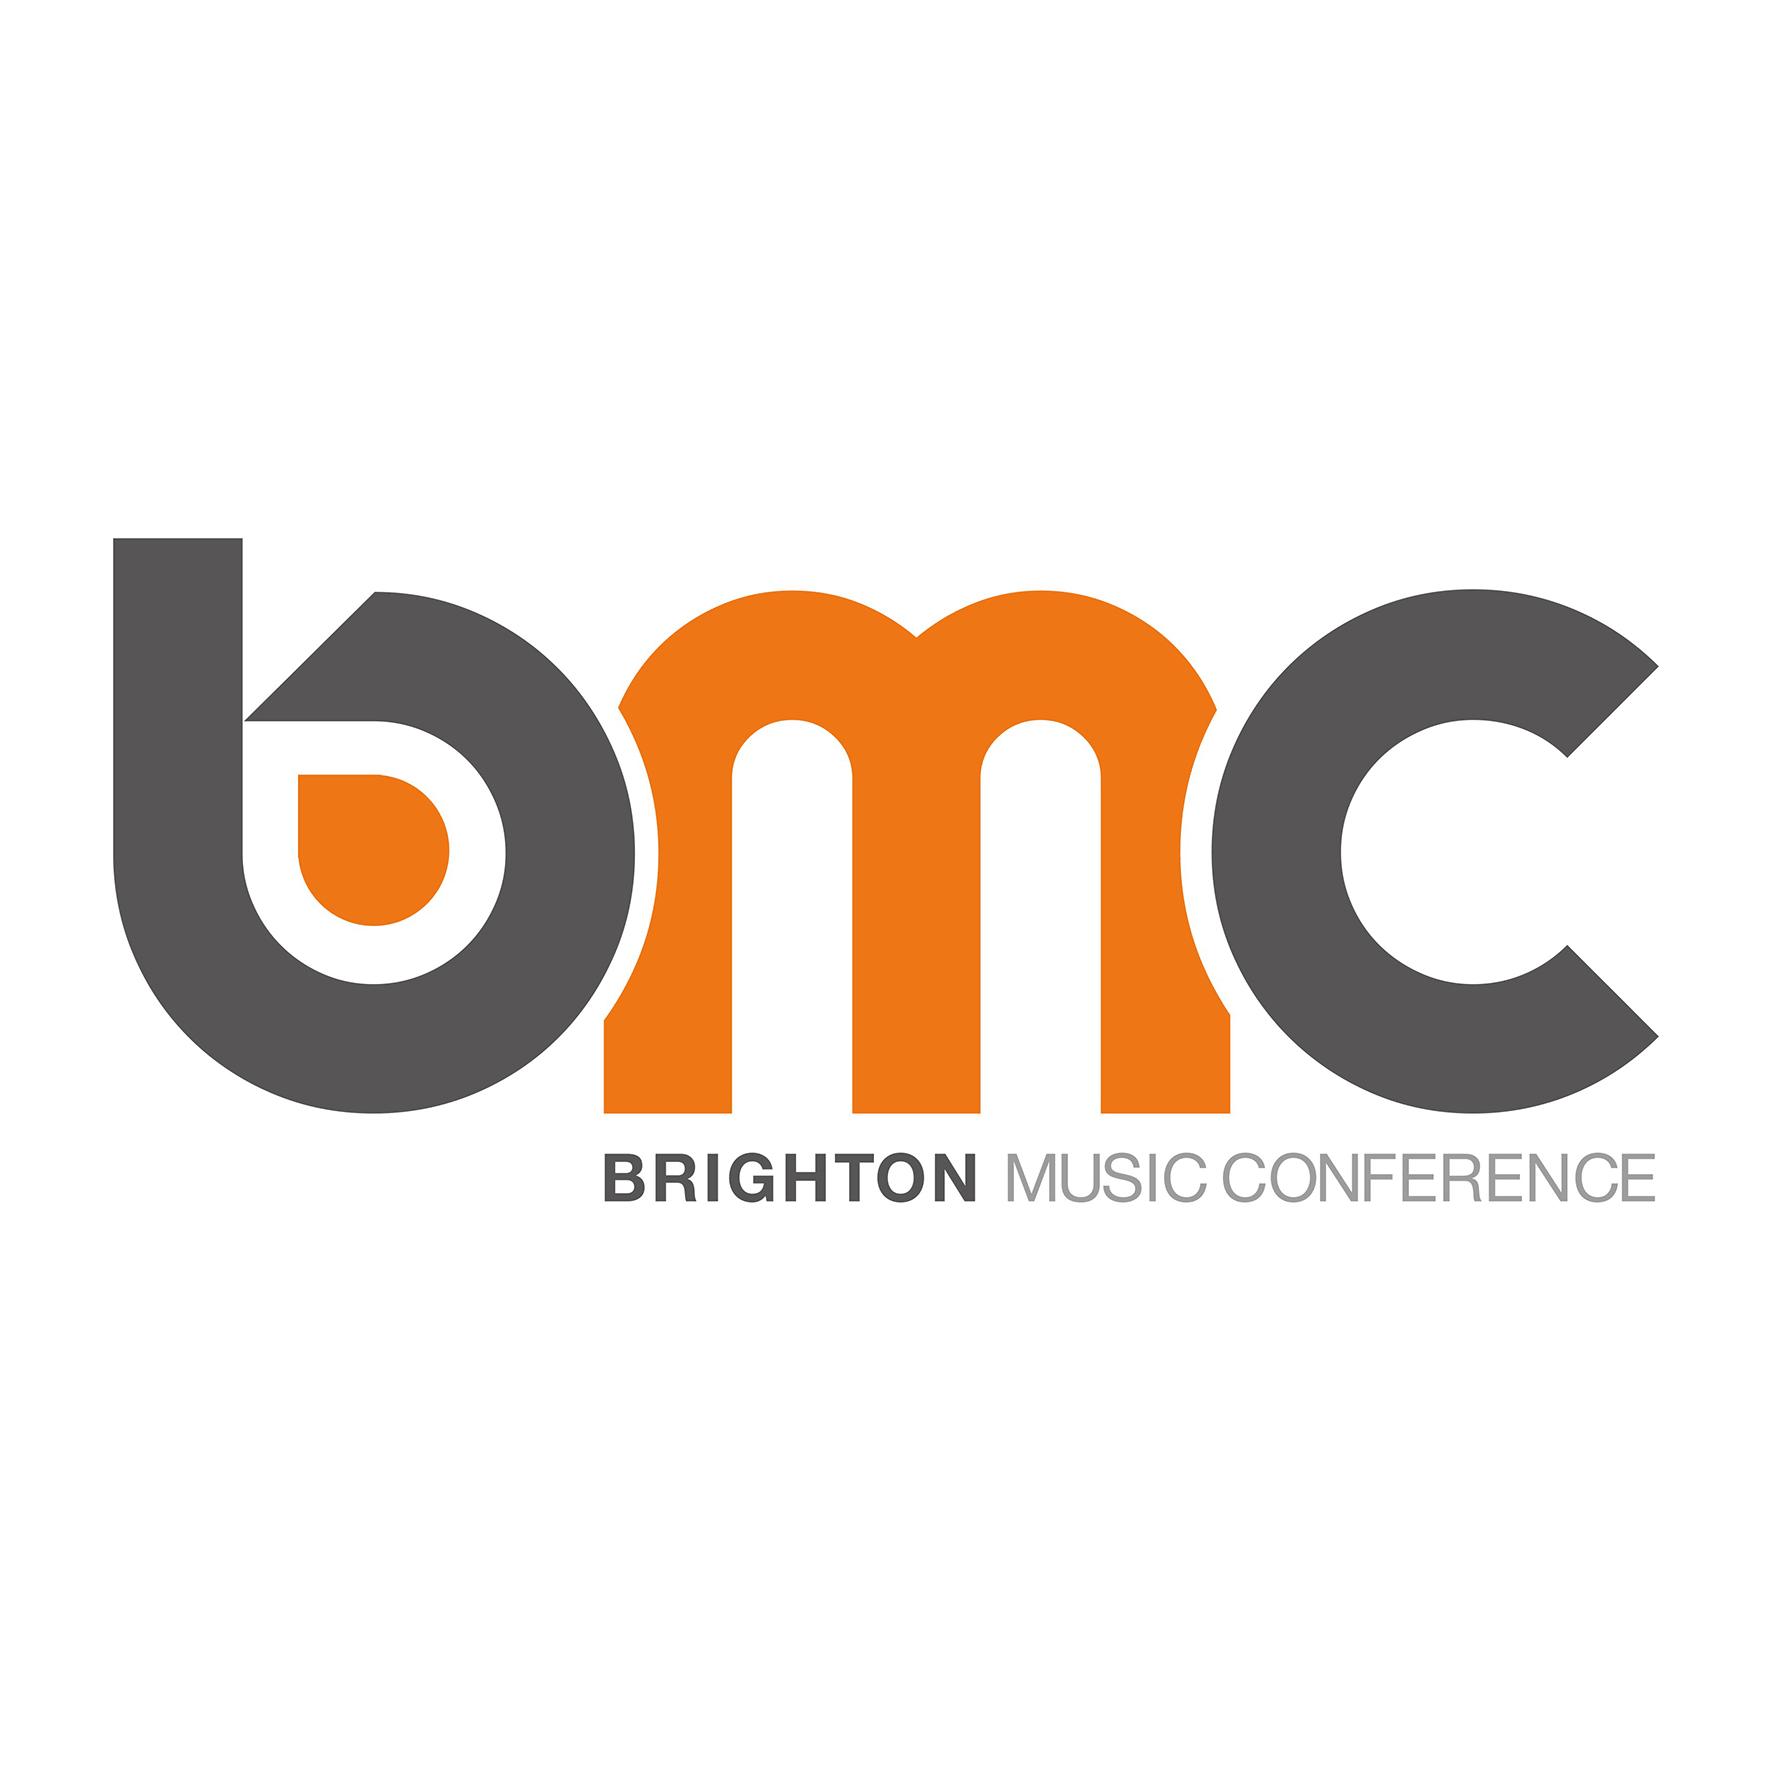 Brighton Music Conference